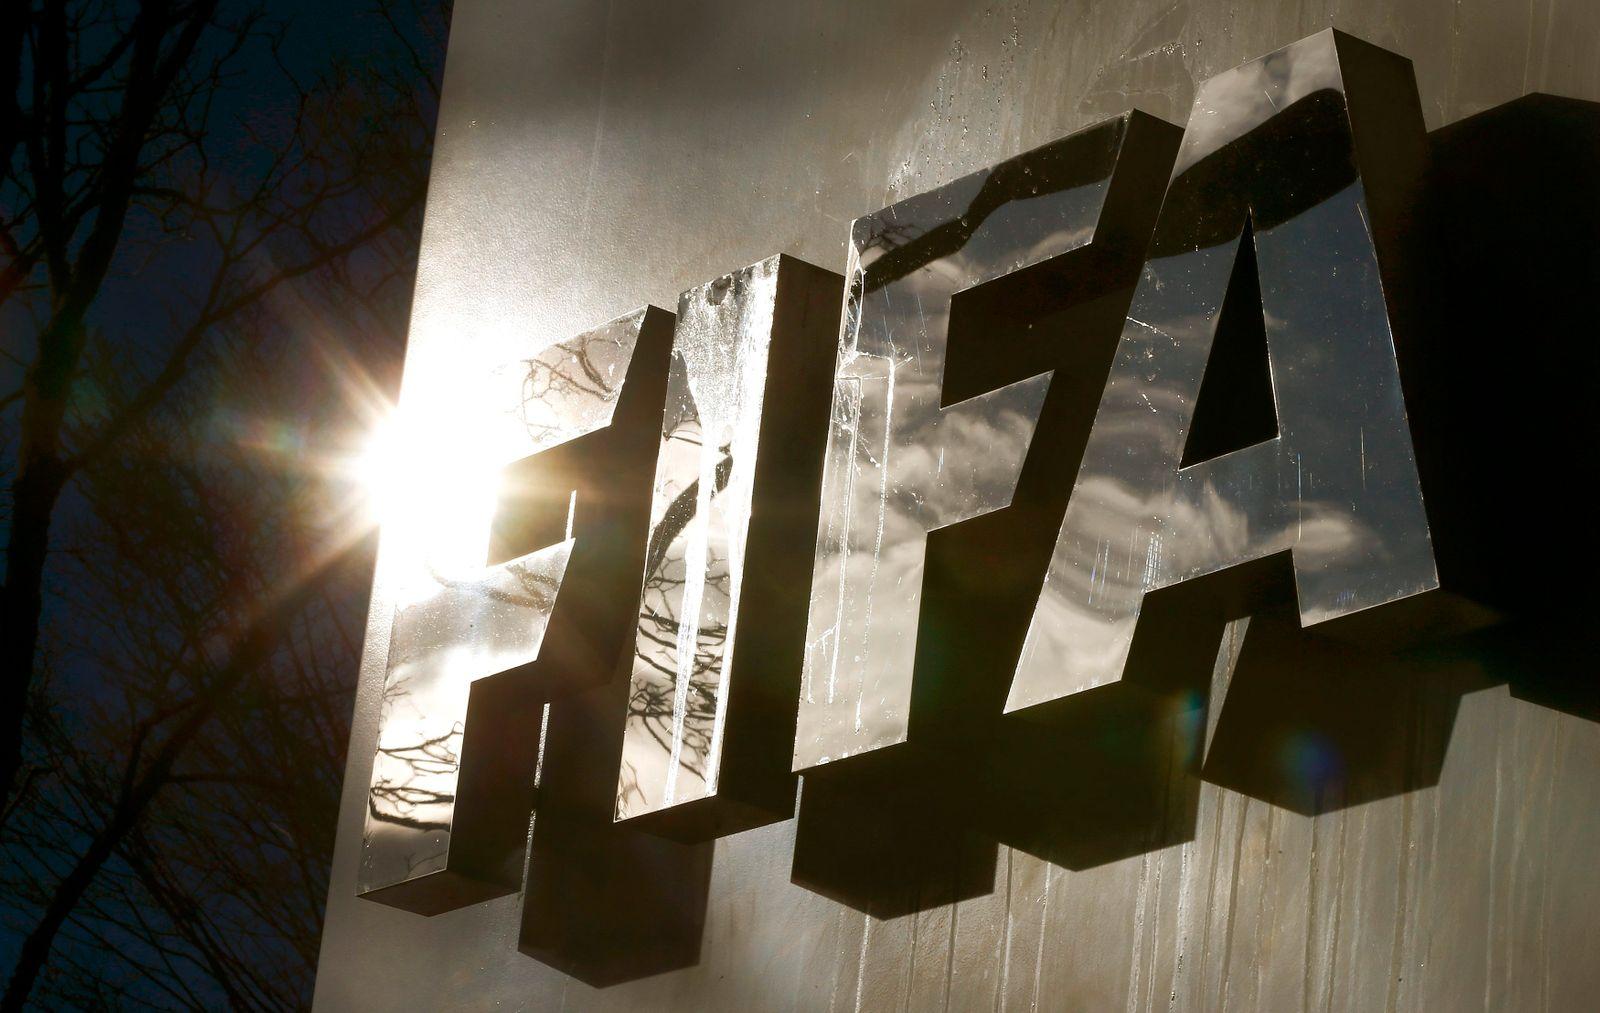 SOCCER-FIFA/RUSSIA